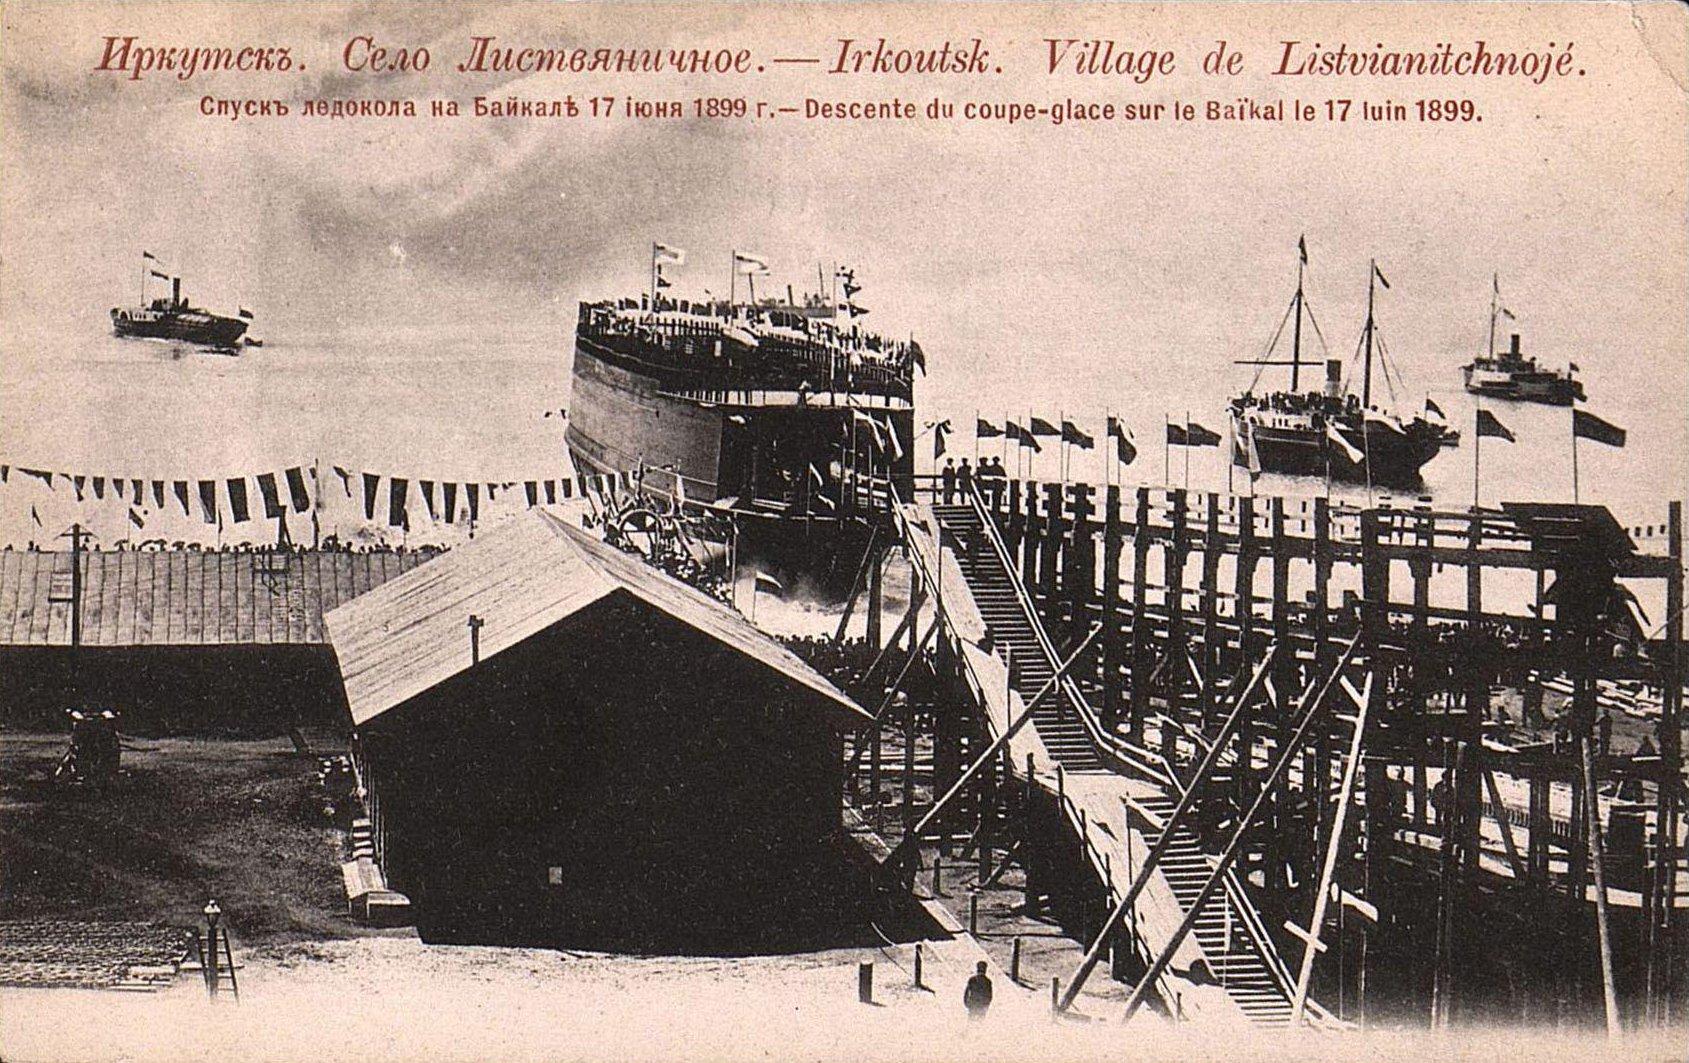 Окрестности Иркутска. Село Листвяничное. Спуск ледокола на Байкал 17 июня 1899